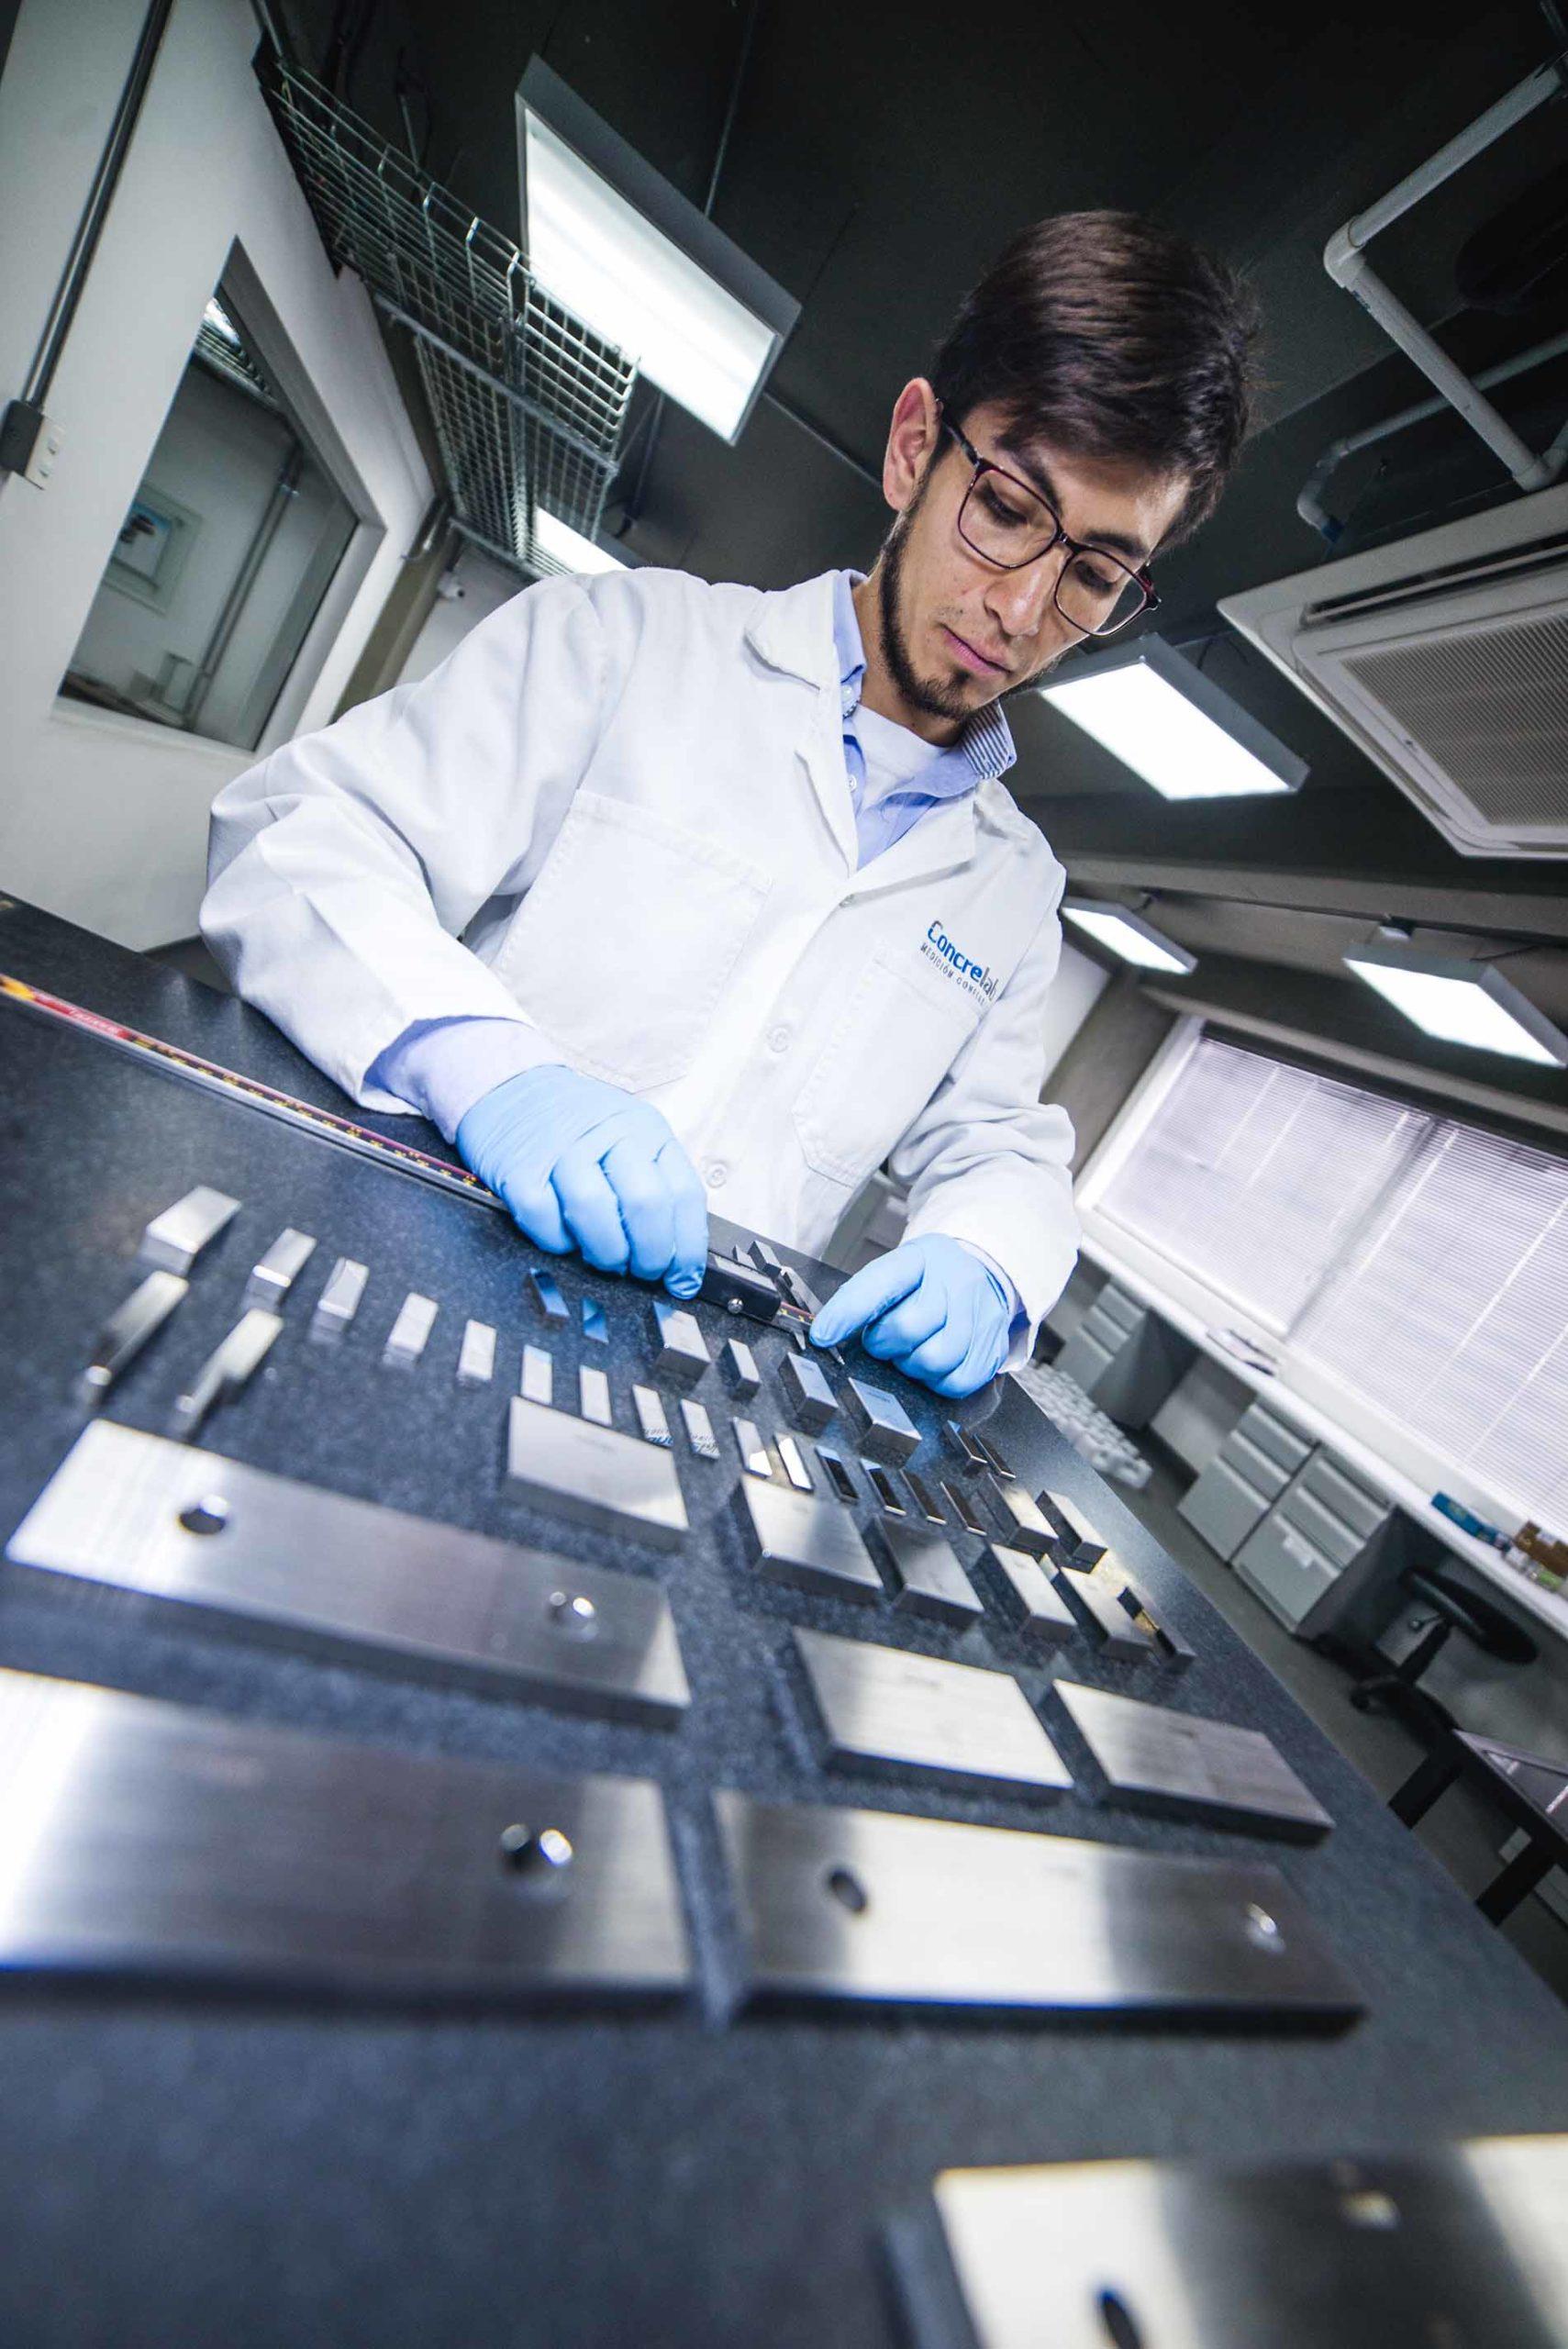 Laboratorio de calibración